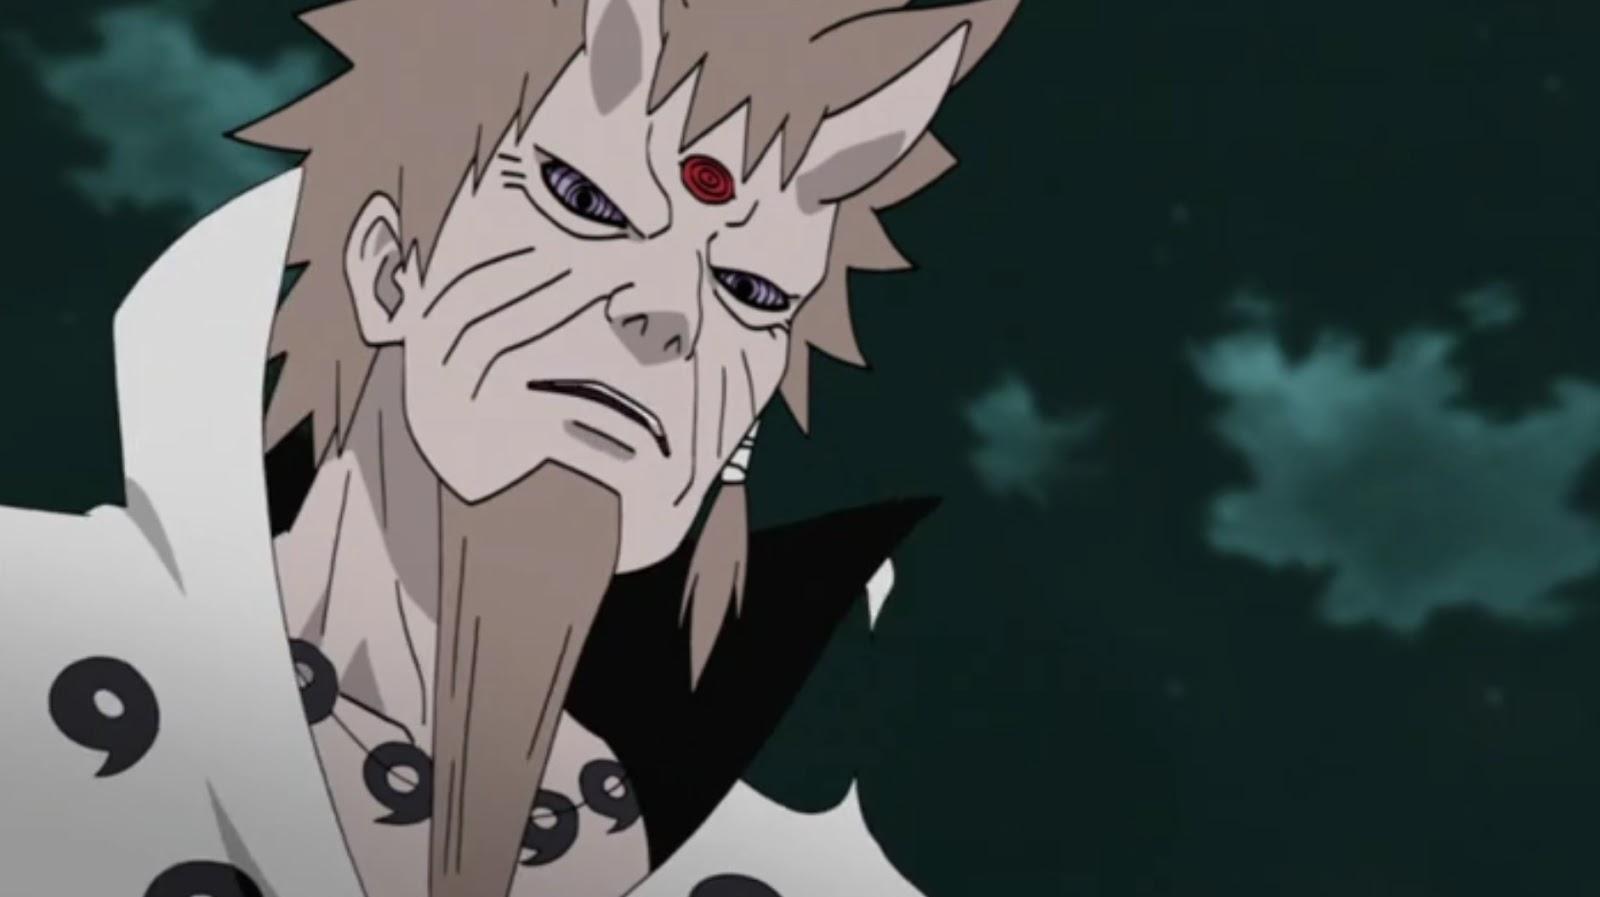 Naruto Shippuden Episódio 471, Assistir Naruto Shippuden Episódio 471, Assistir Naruto Shippuden Todos os Episódios Legendado, Naruto Shippuden episódio 471,HD